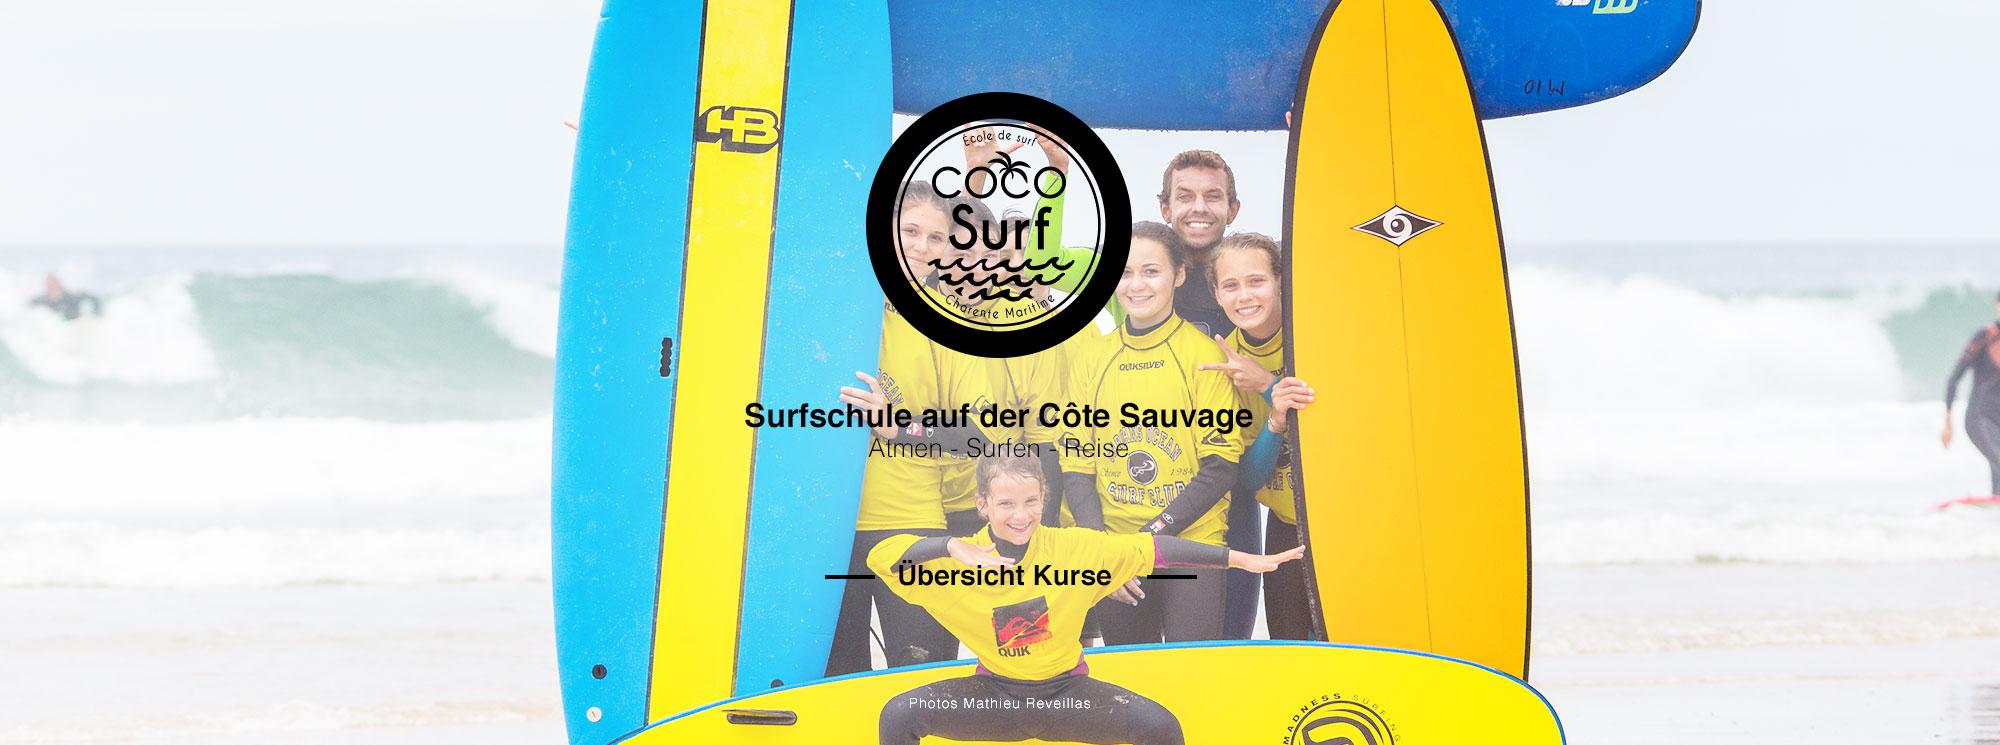 Photo groupe ados filles coco surf école de surf charente maritime